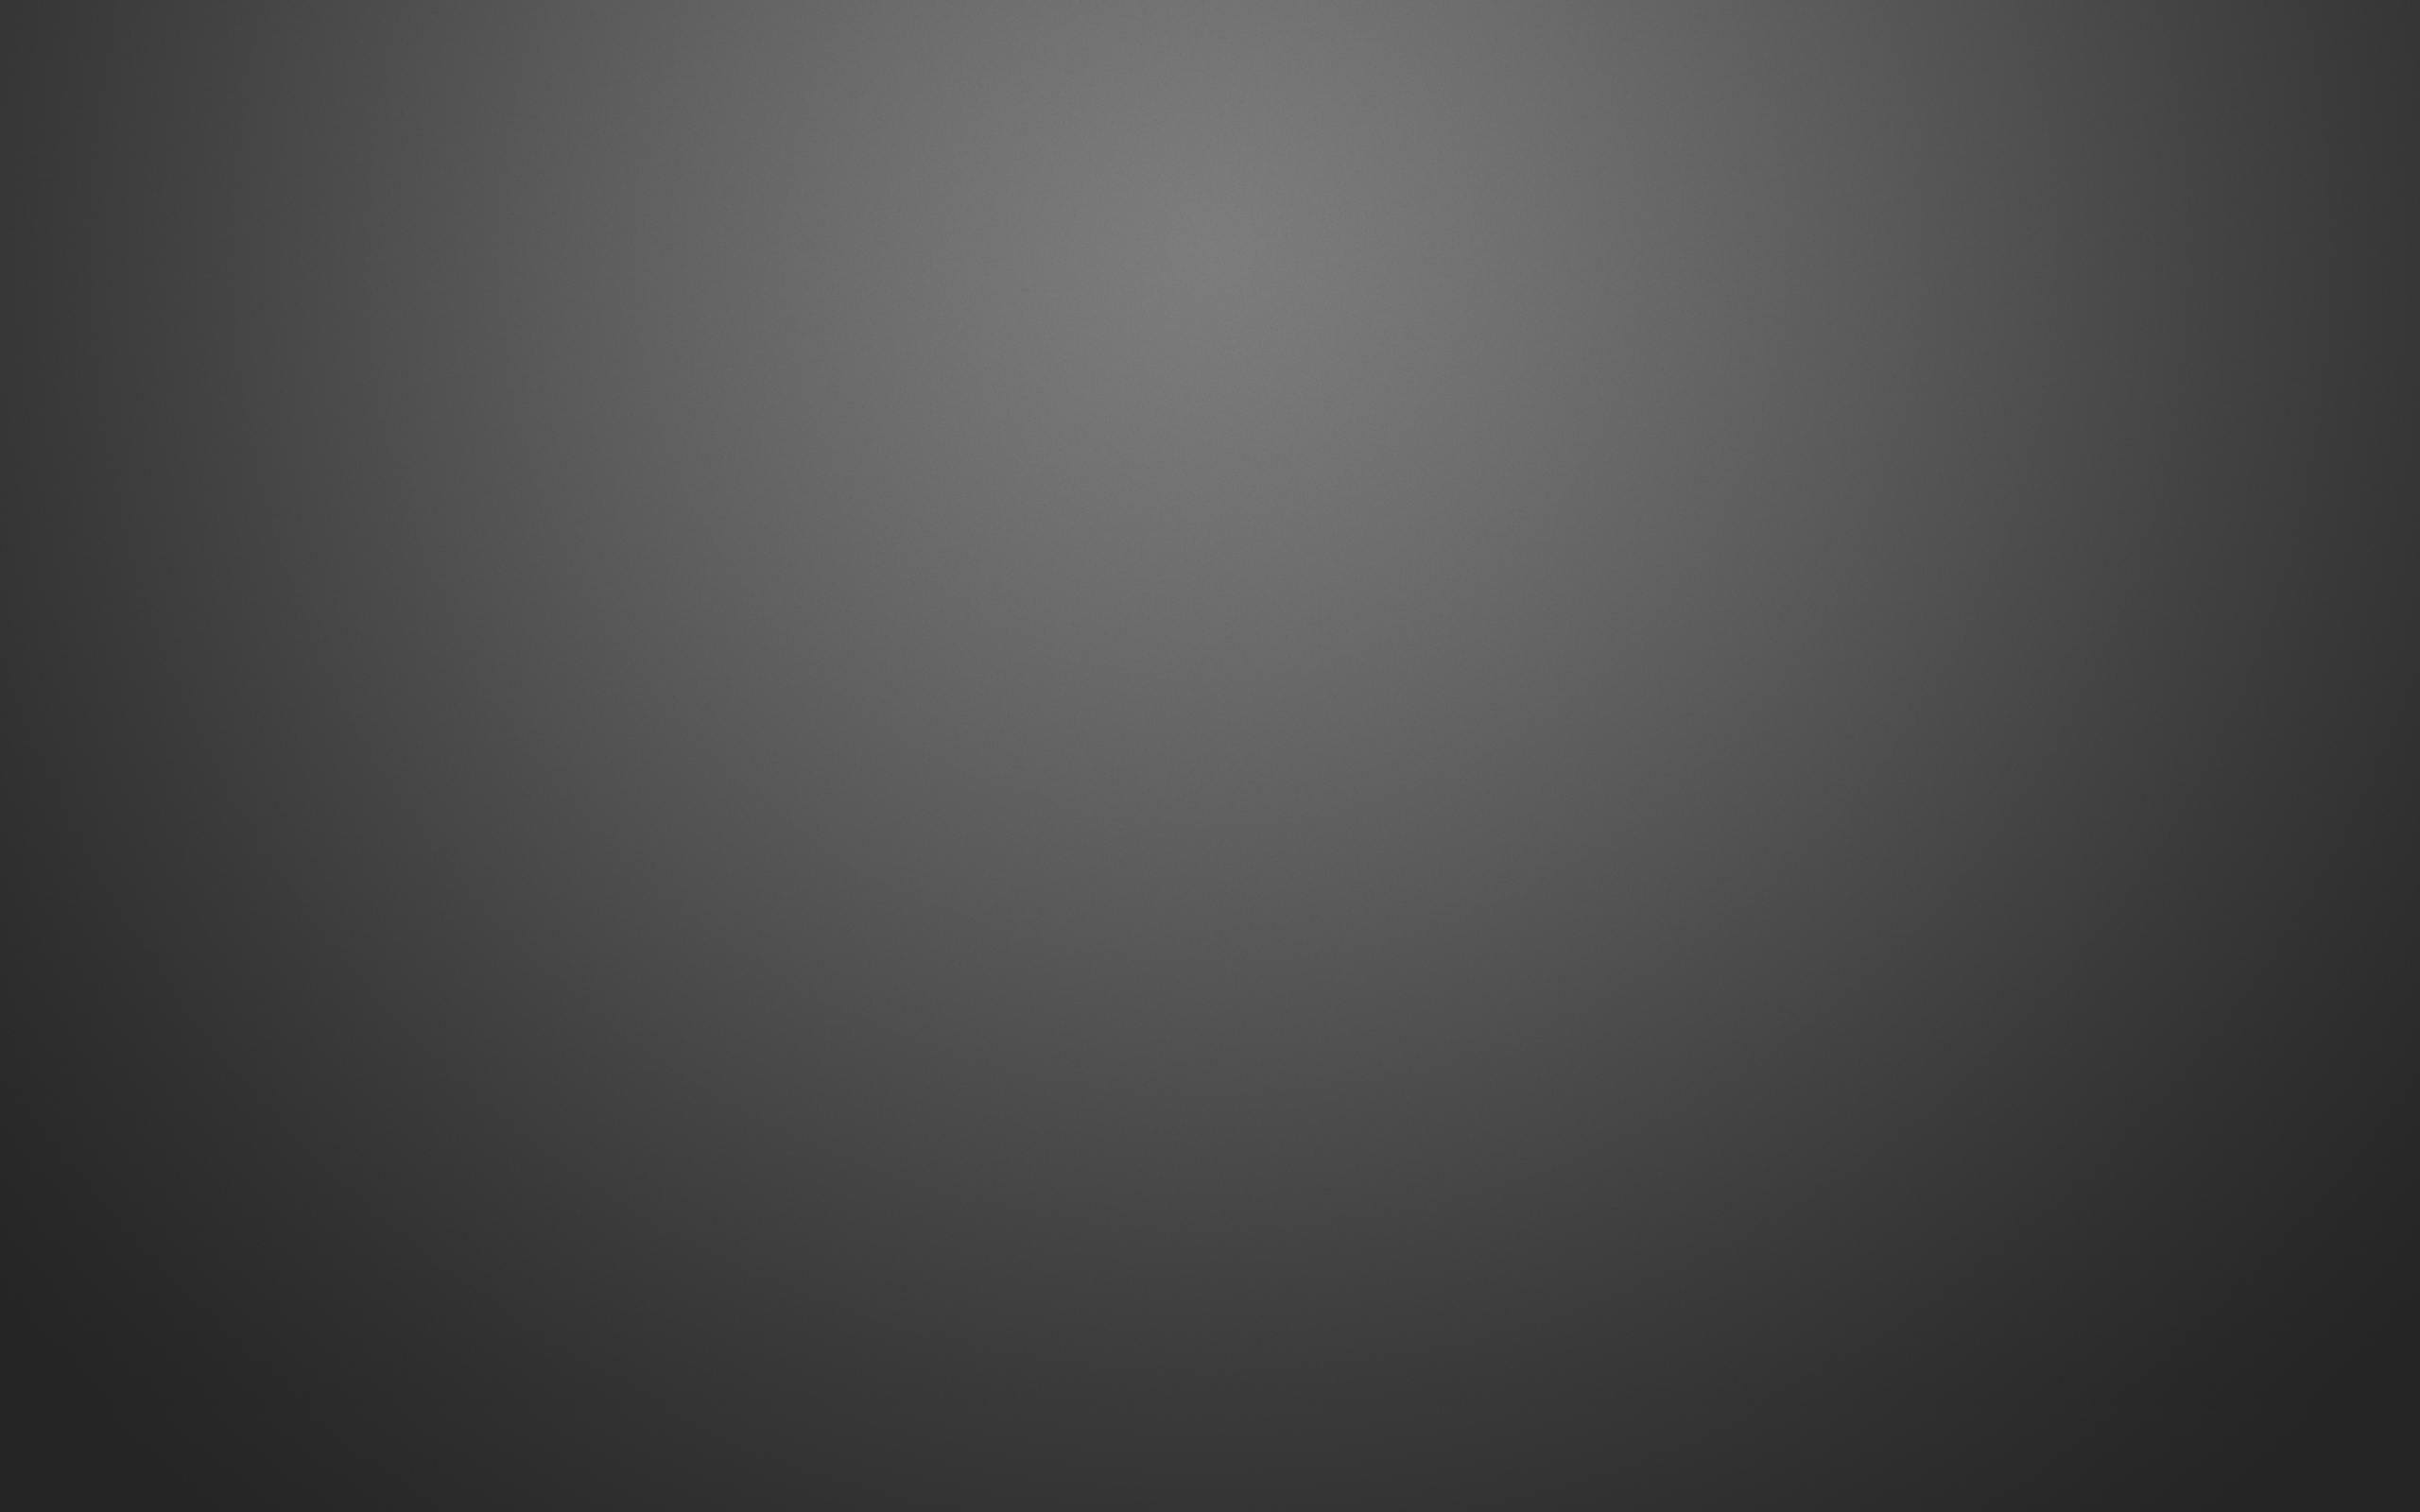 Plain Desktop Backgrounds - Wallpaper Cave